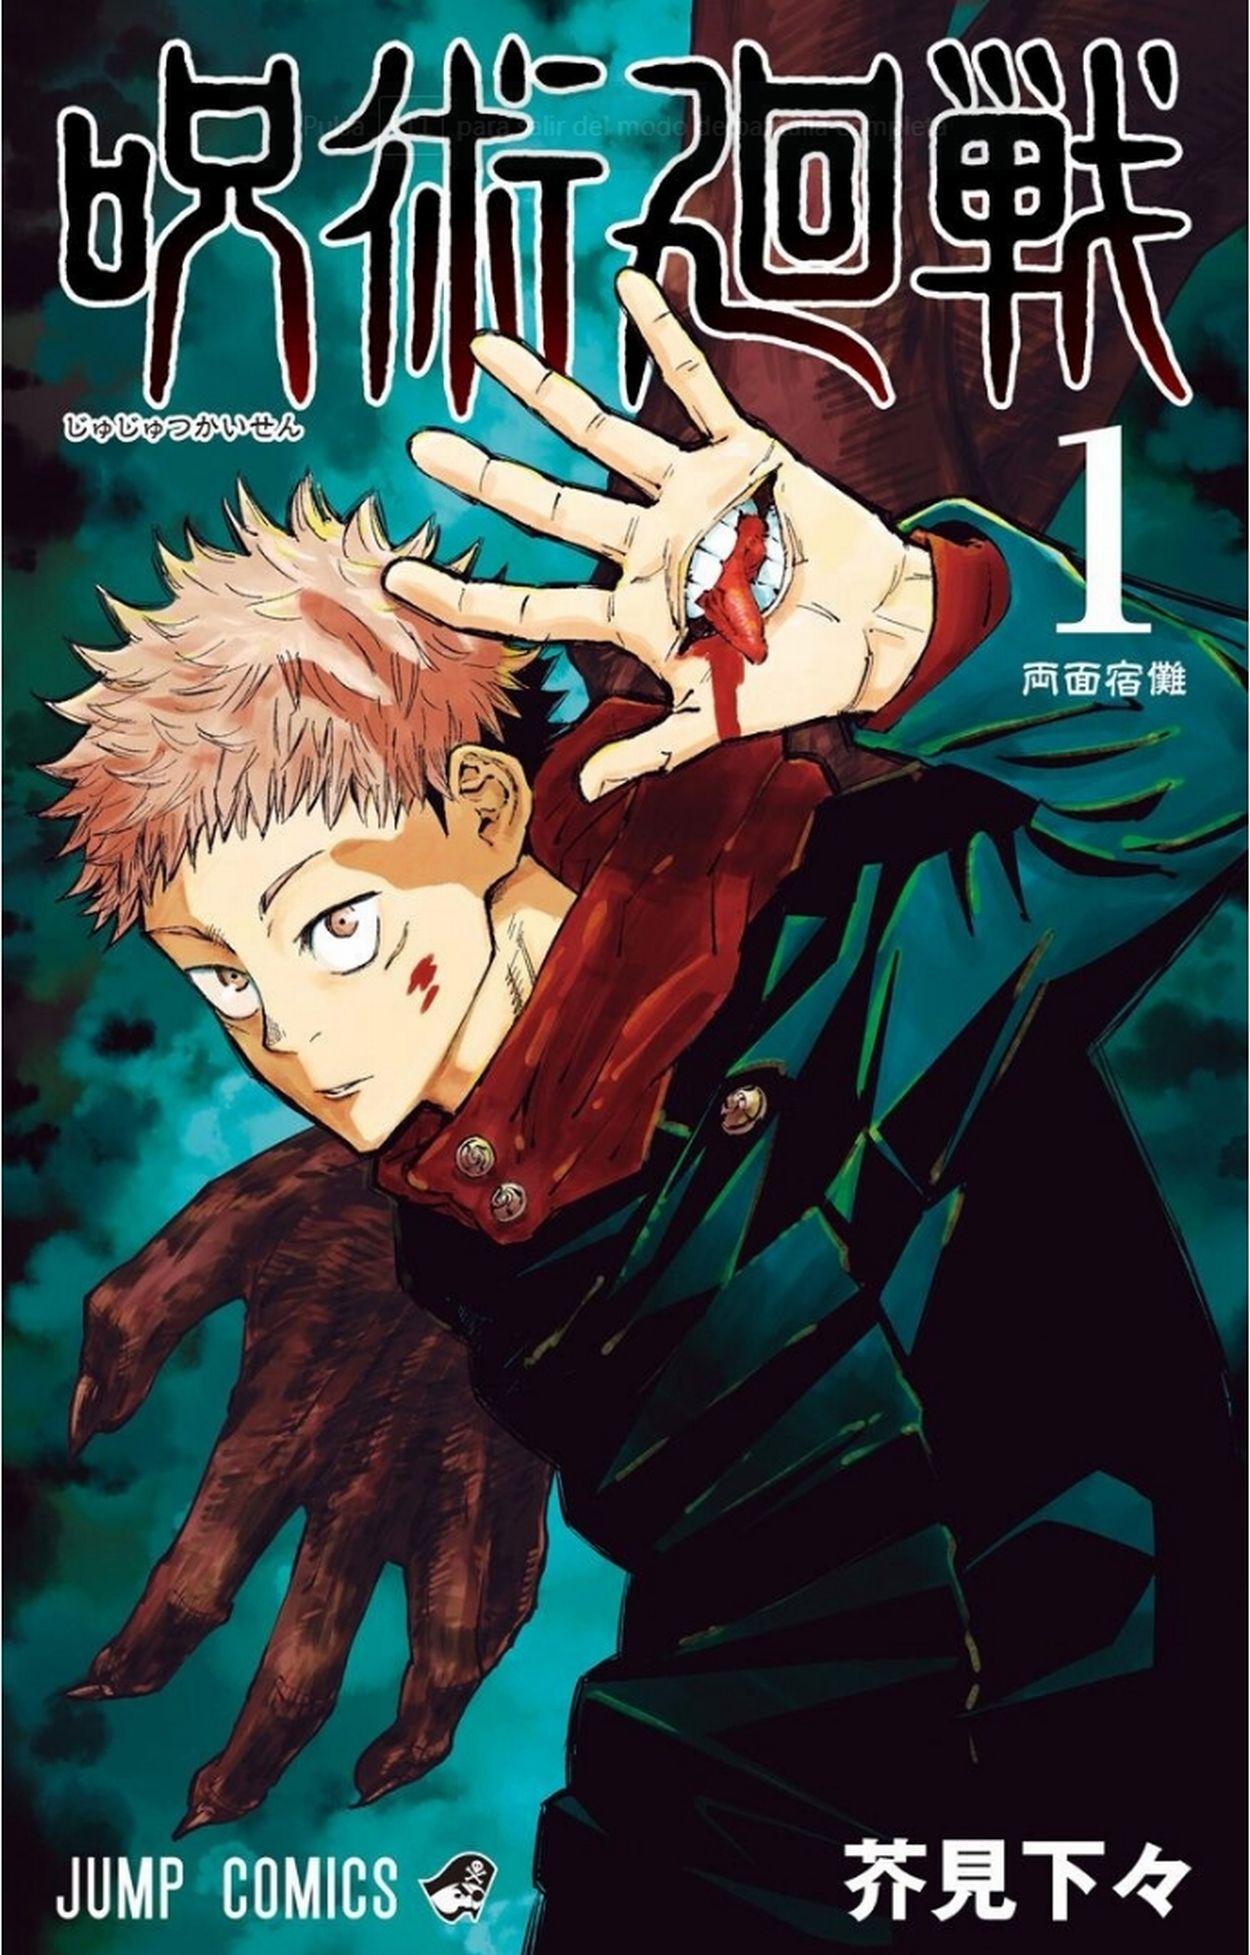 001 - 「呪術廻戦」、2月8日発売の週刊少年ジャンプ10号掲載分は休載へ